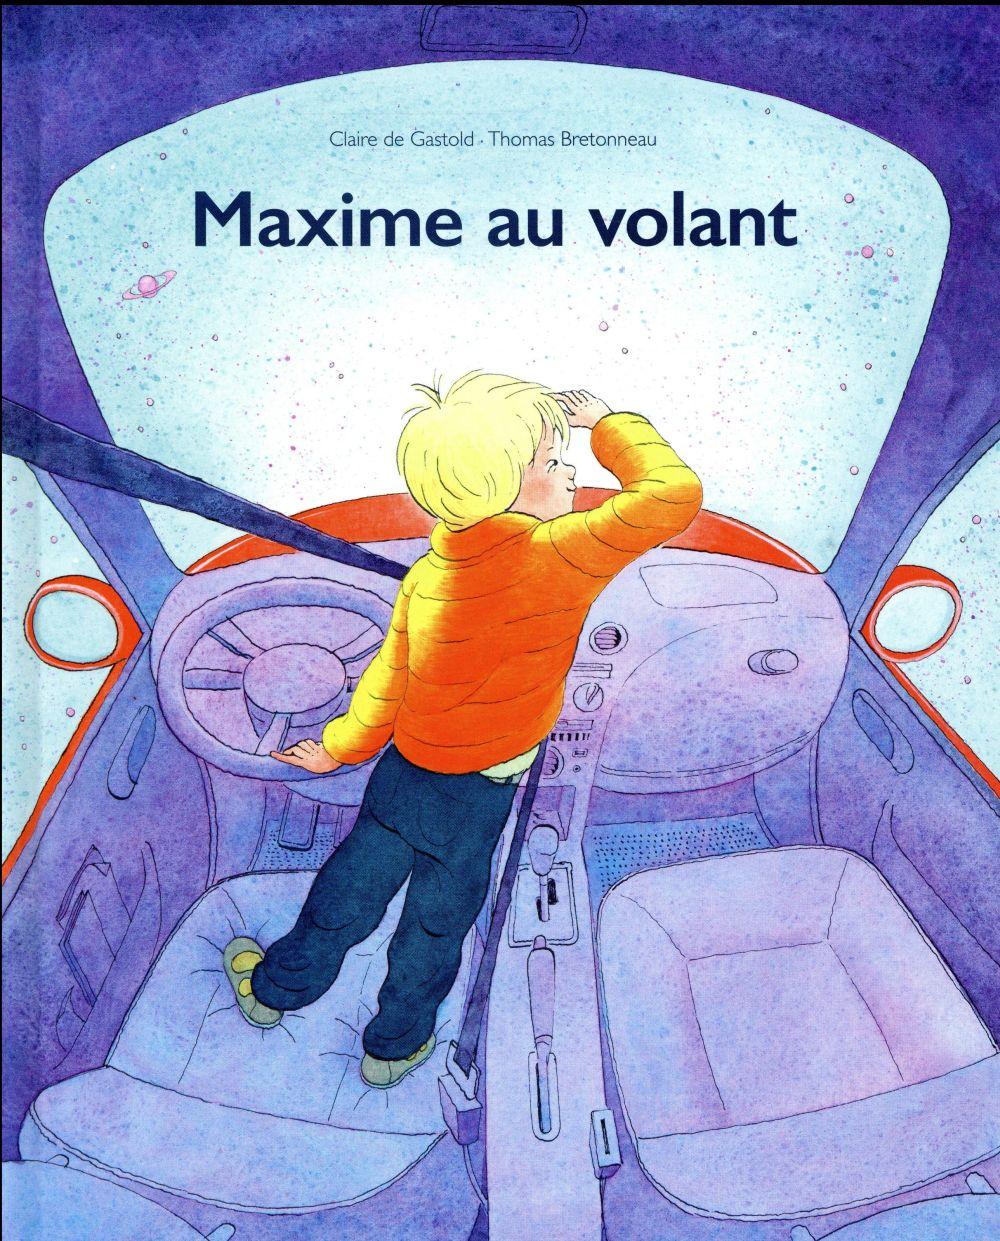 Maxime au volant